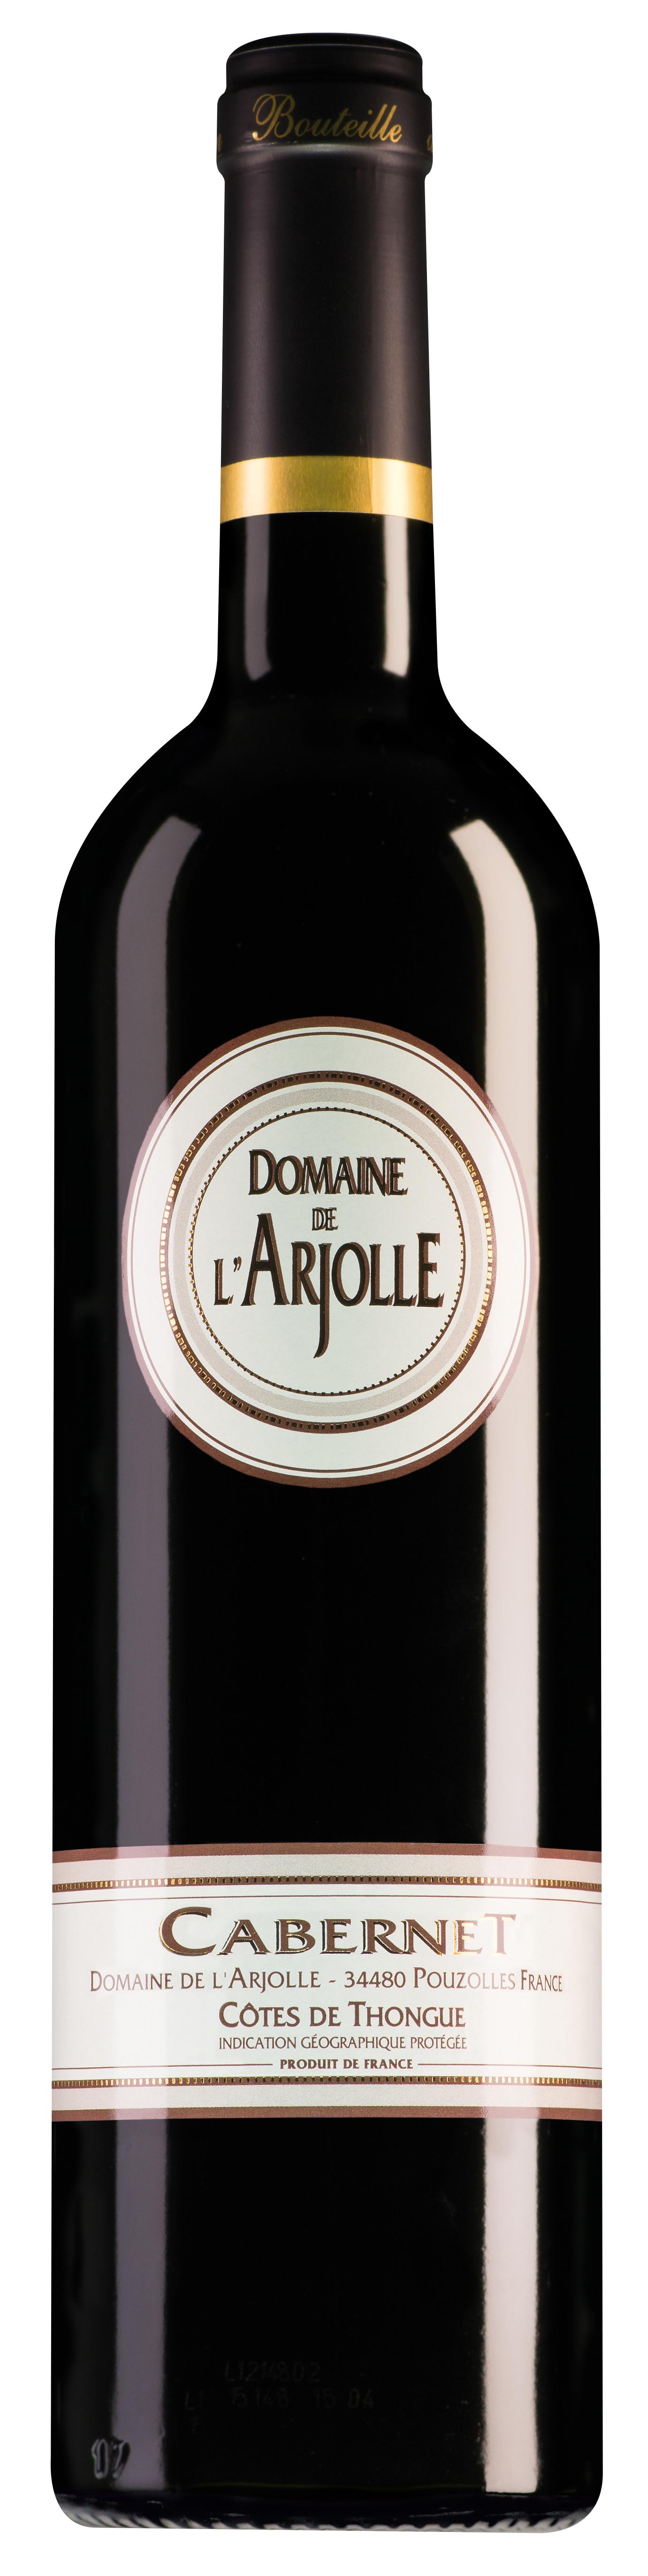 Domaine de l'Arjolle Côtes de Thongue Cabernet